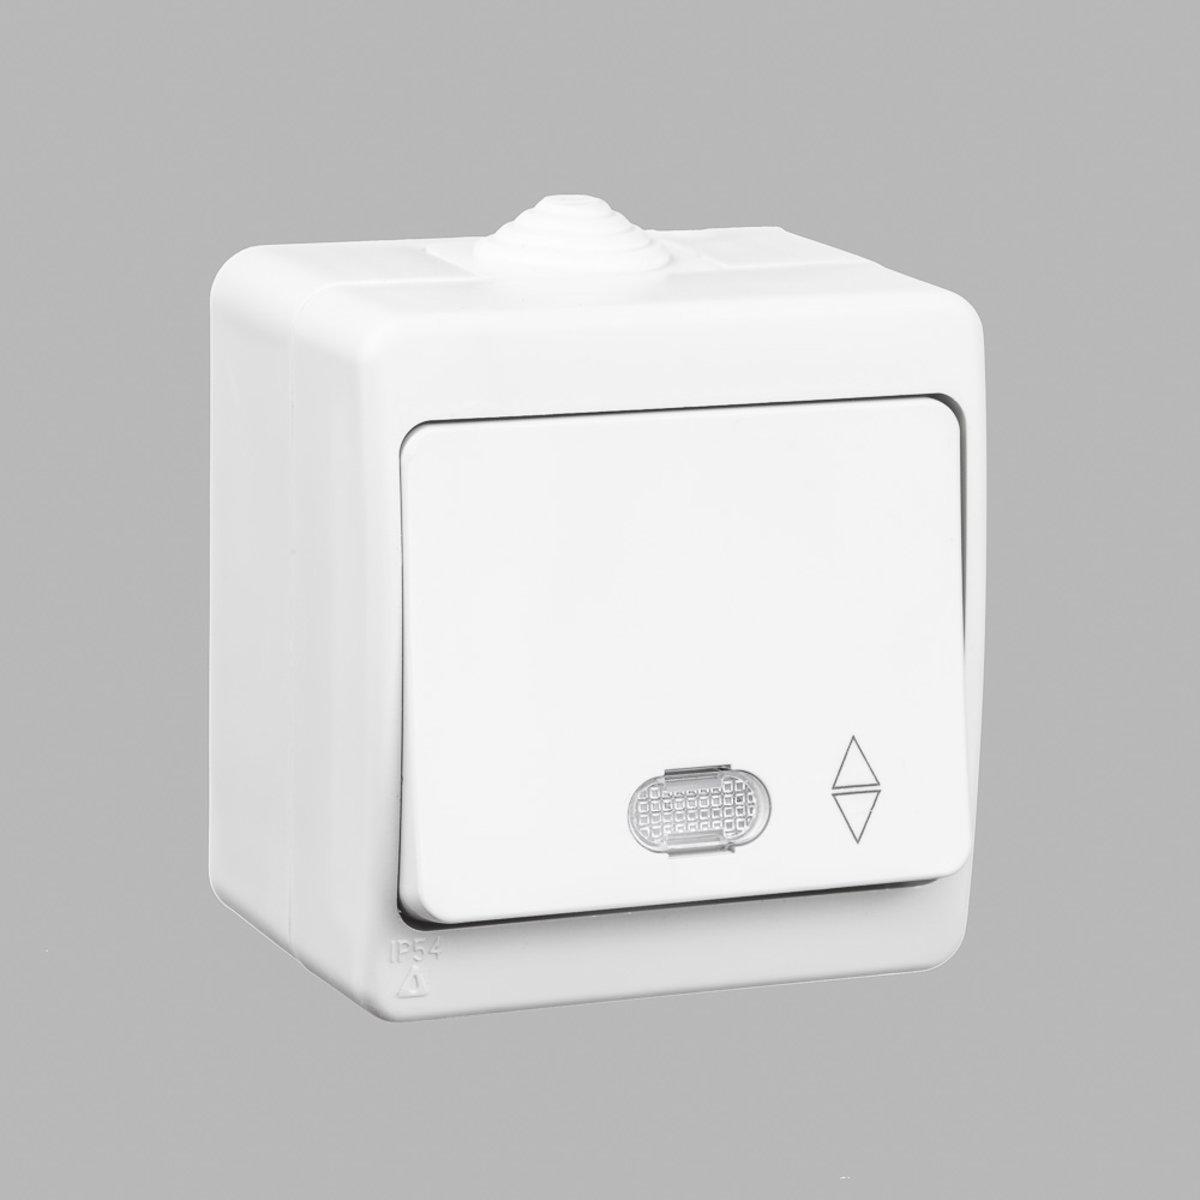 Выключатель одноклавишный GUNSAN Nemliyer проходной с подсветкой влагозащищенный Белый